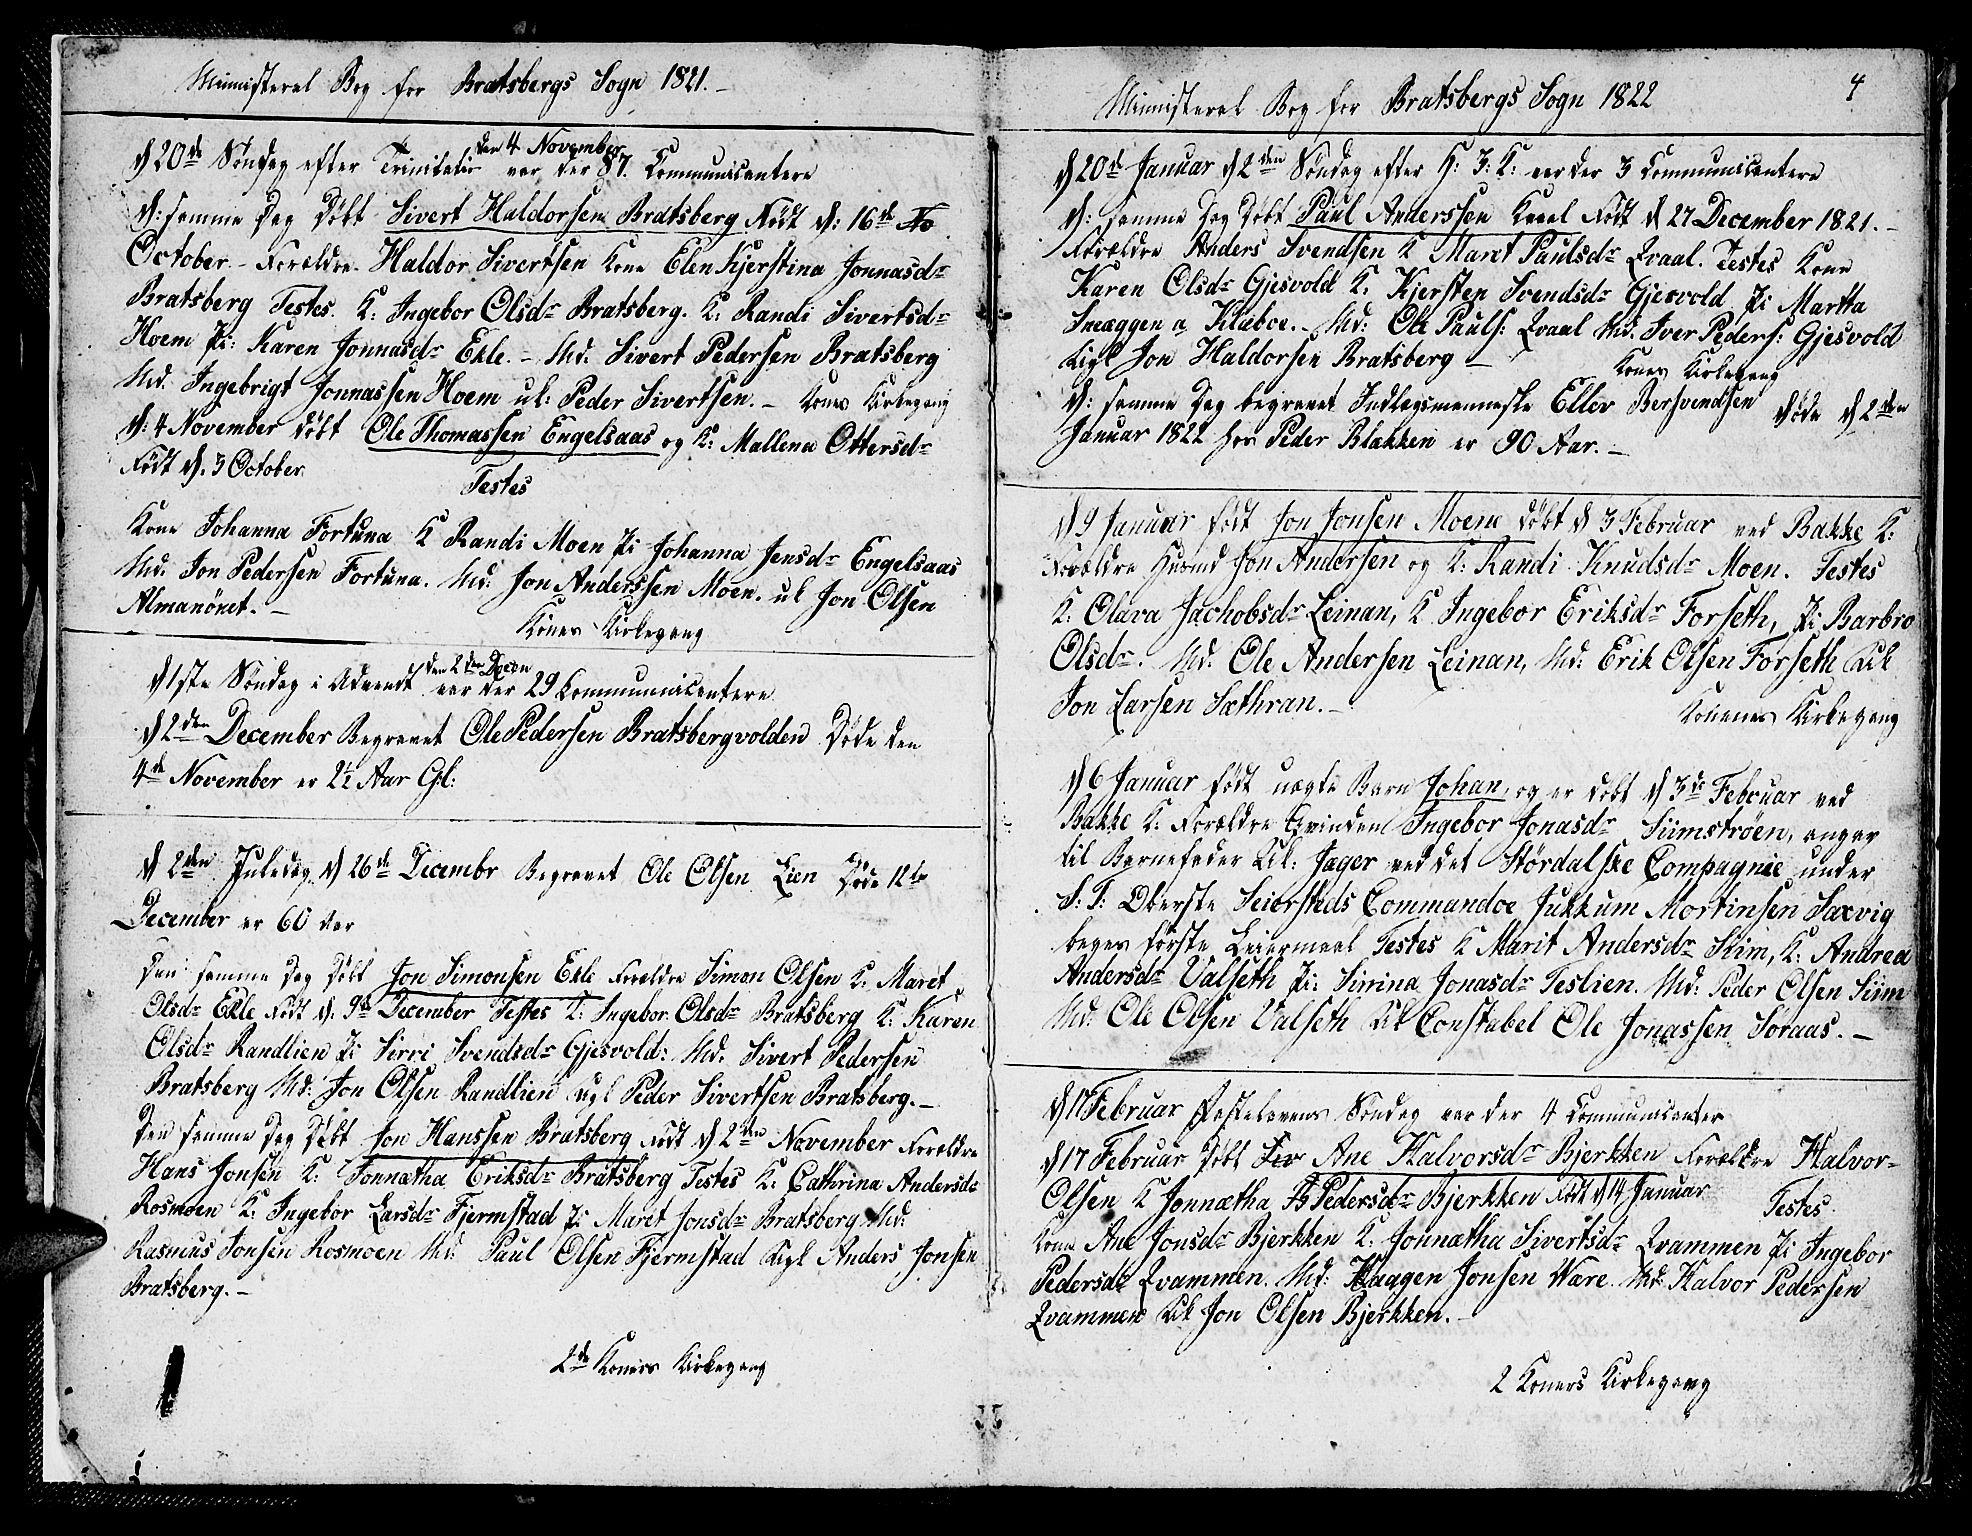 SAT, Ministerialprotokoller, klokkerbøker og fødselsregistre - Sør-Trøndelag, 608/L0337: Klokkerbok nr. 608C03, 1821-1831, s. 4